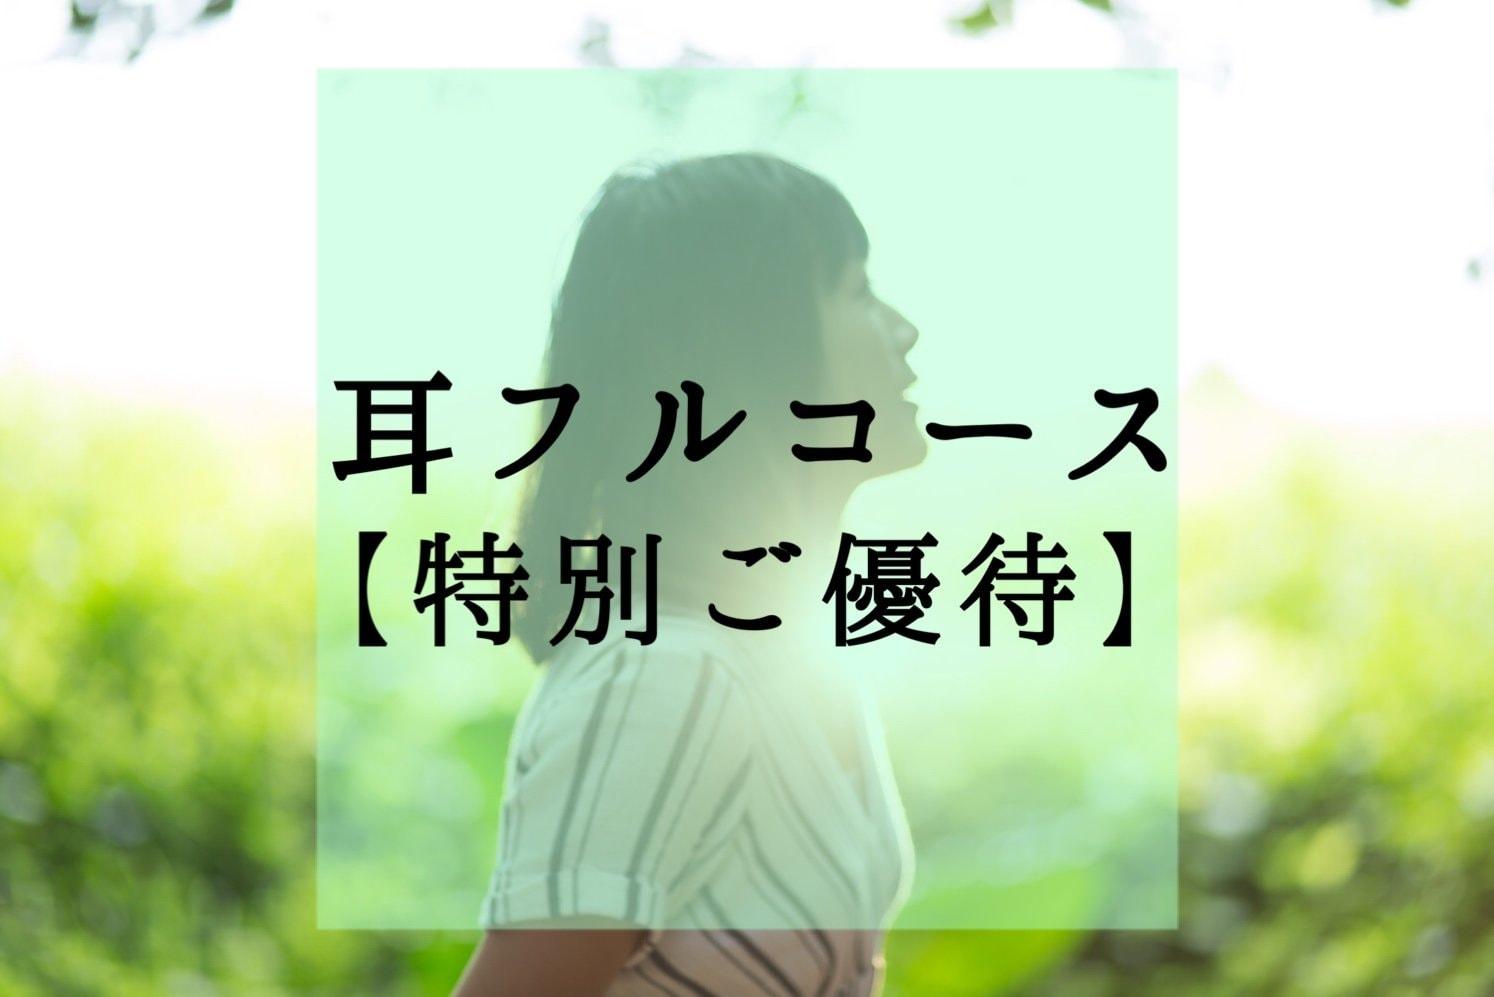 【特別ご優待】耳フルコース(期間限定モニター価格)のイメージその1